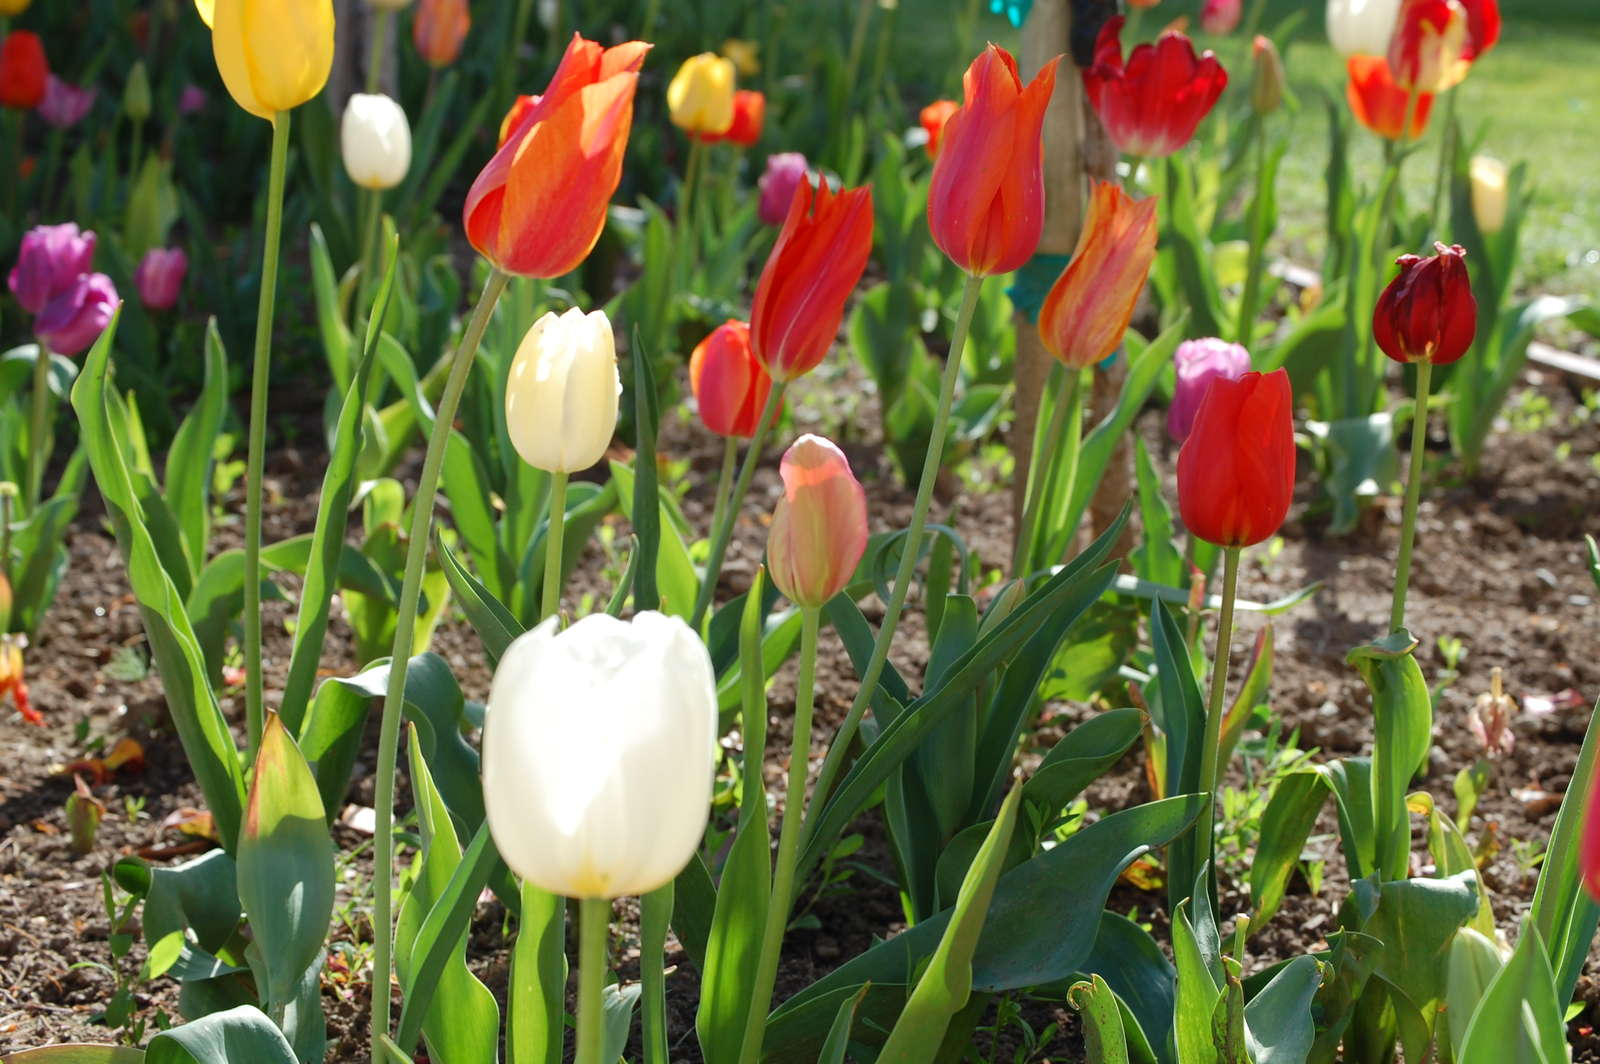 tulpen pflanzen tulpenzwiebeln im eigenen garten anbauen. Black Bedroom Furniture Sets. Home Design Ideas